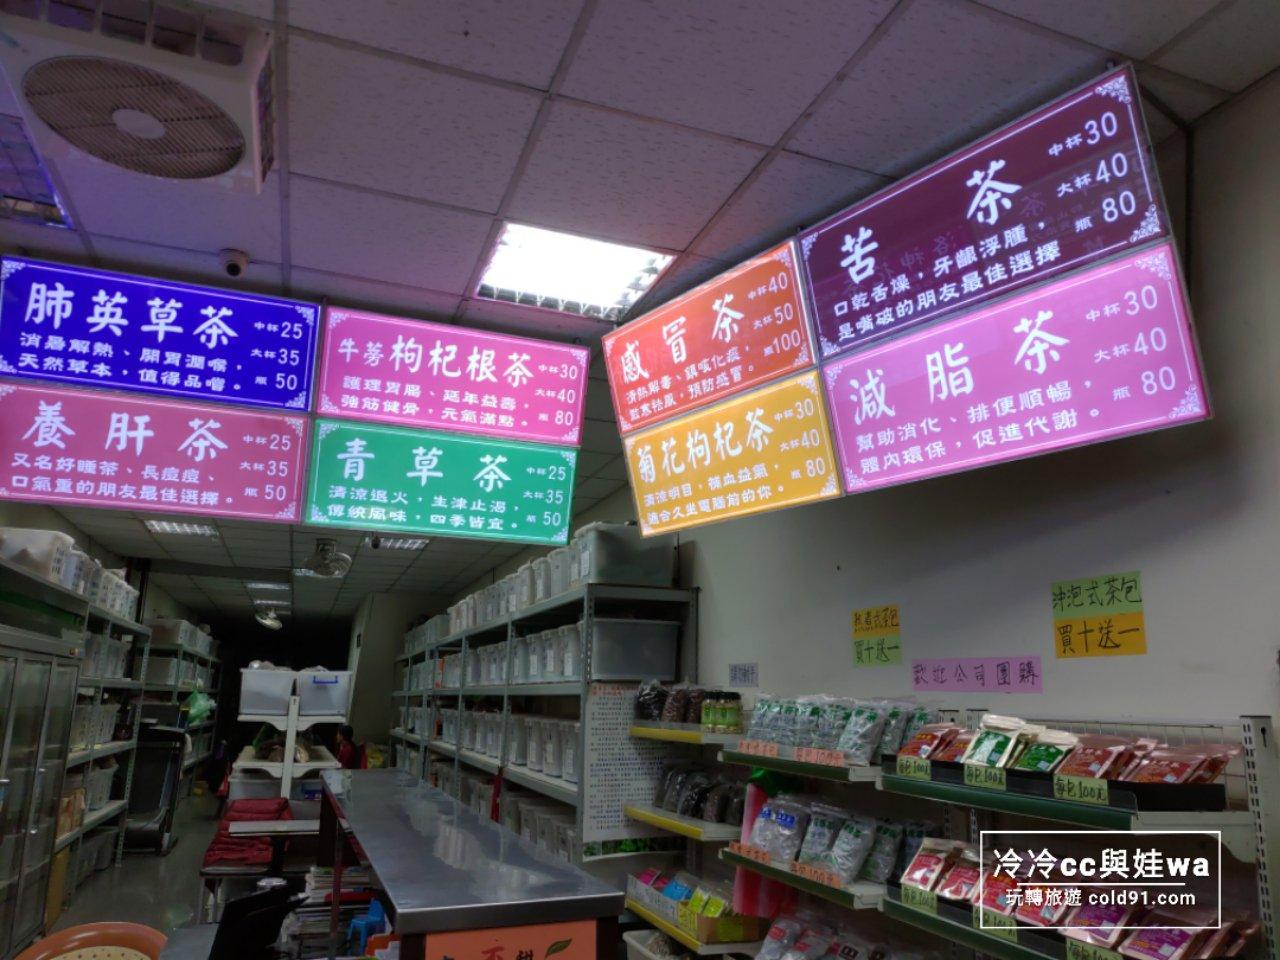 [湖口茶飲]阿里山養生飲品,阿里山青草行,奶茶搖搖以外的養生選擇!